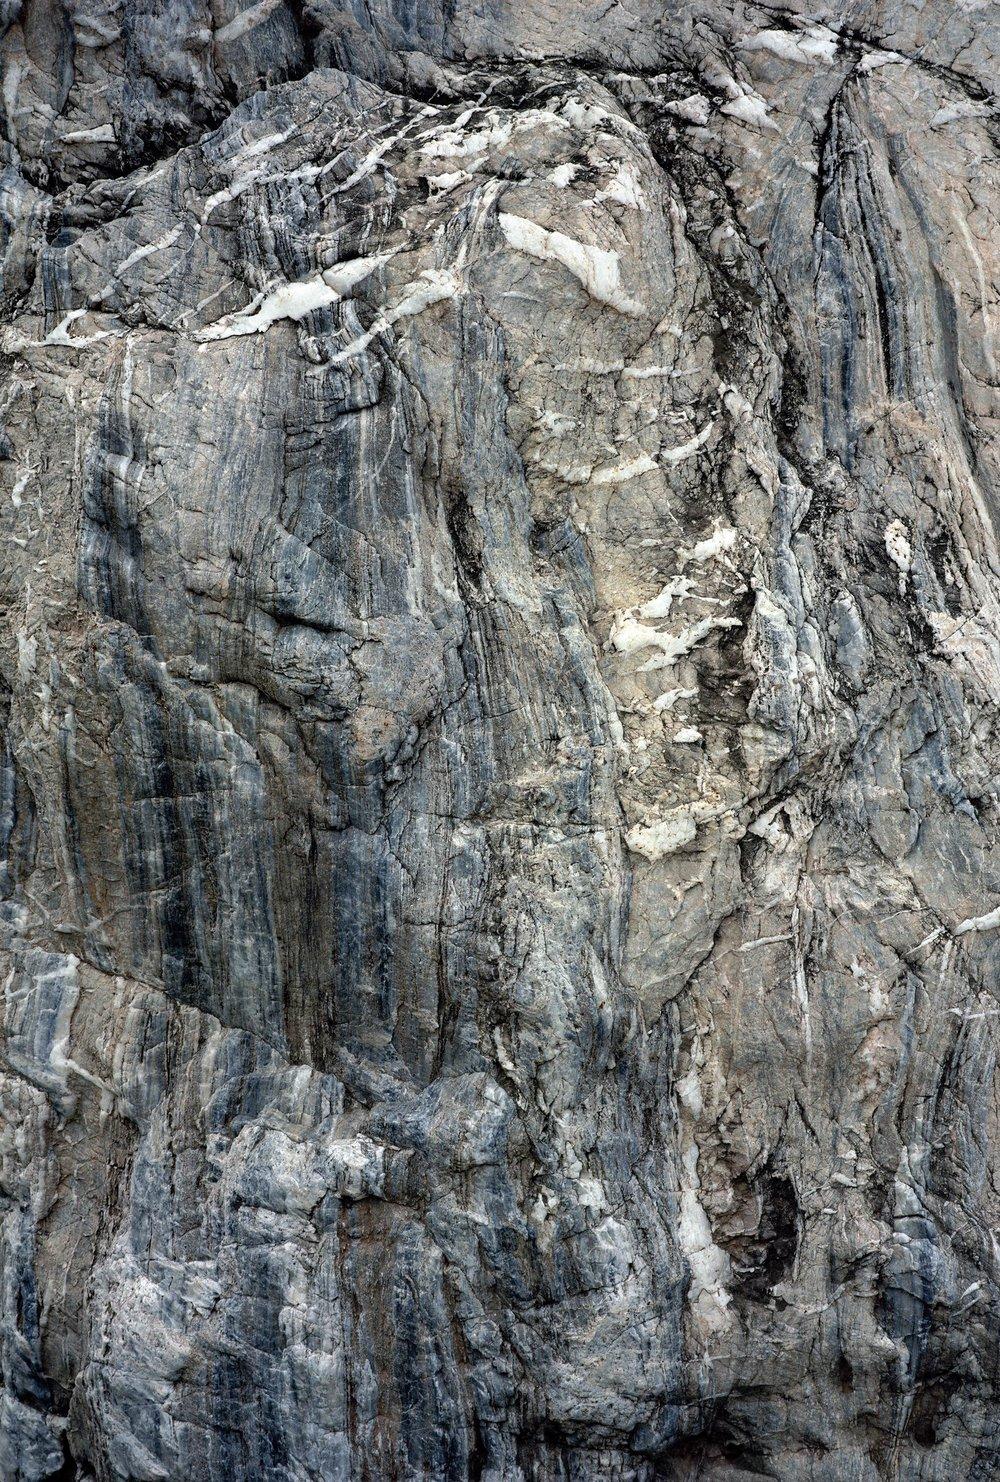 终南山石 04 Zhongnan Mountain Rock 04_180X120cm_2011_compressed.jpg